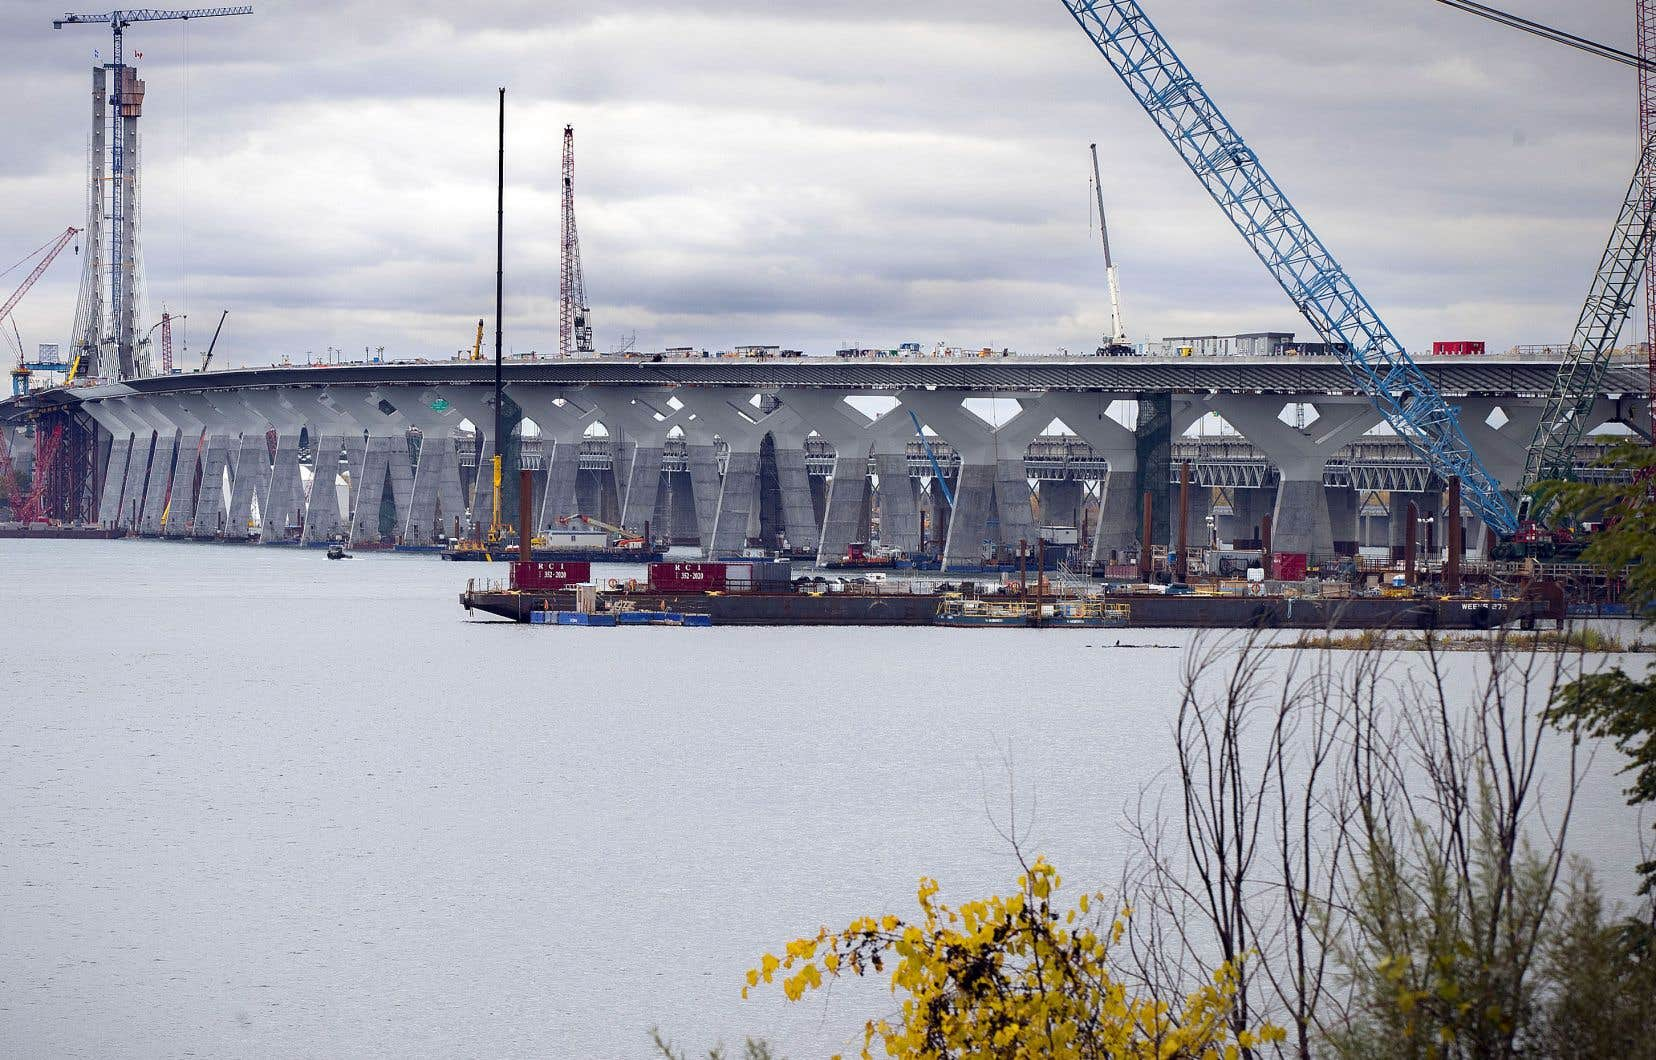 Les travaux de la structure du pont et les haubans seront terminés pour le 21 décembre, mais les travaux d'asphaltage et d'imperméabilisation des tabliers ne pourront être réalisés avant le printemps.